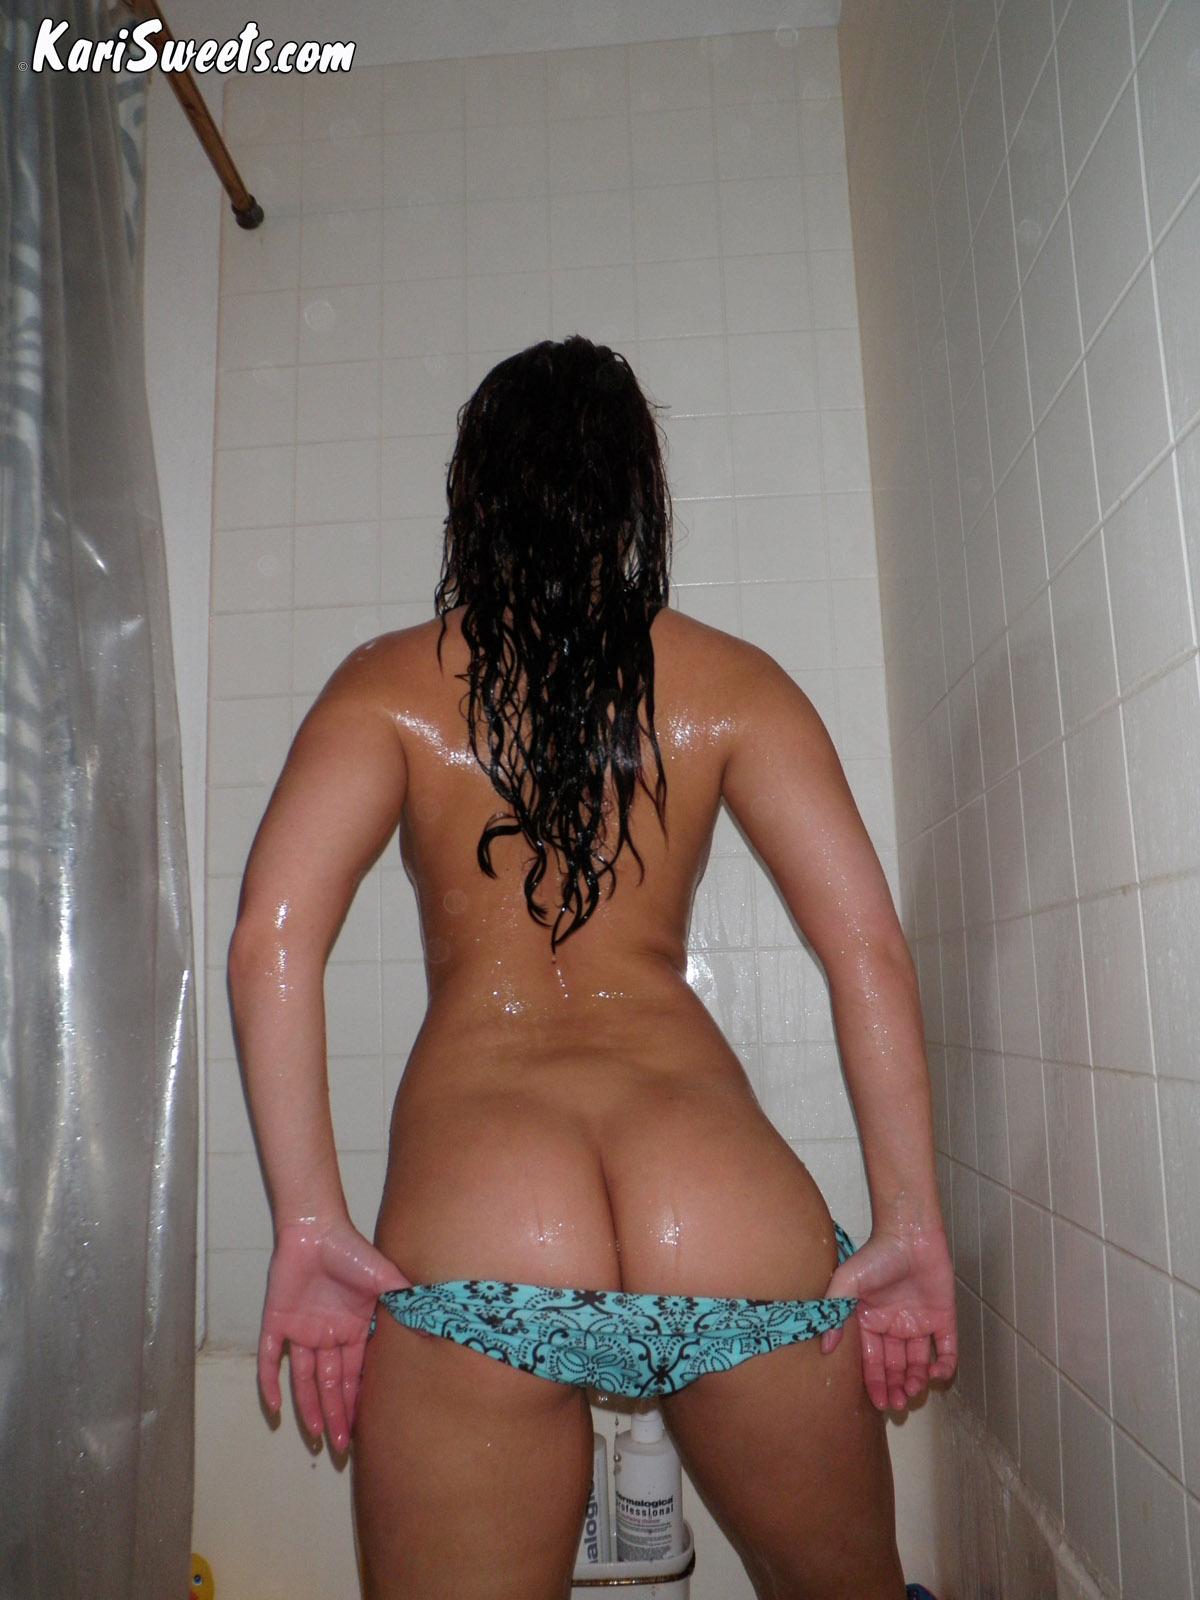 Bikini kari sweets shower